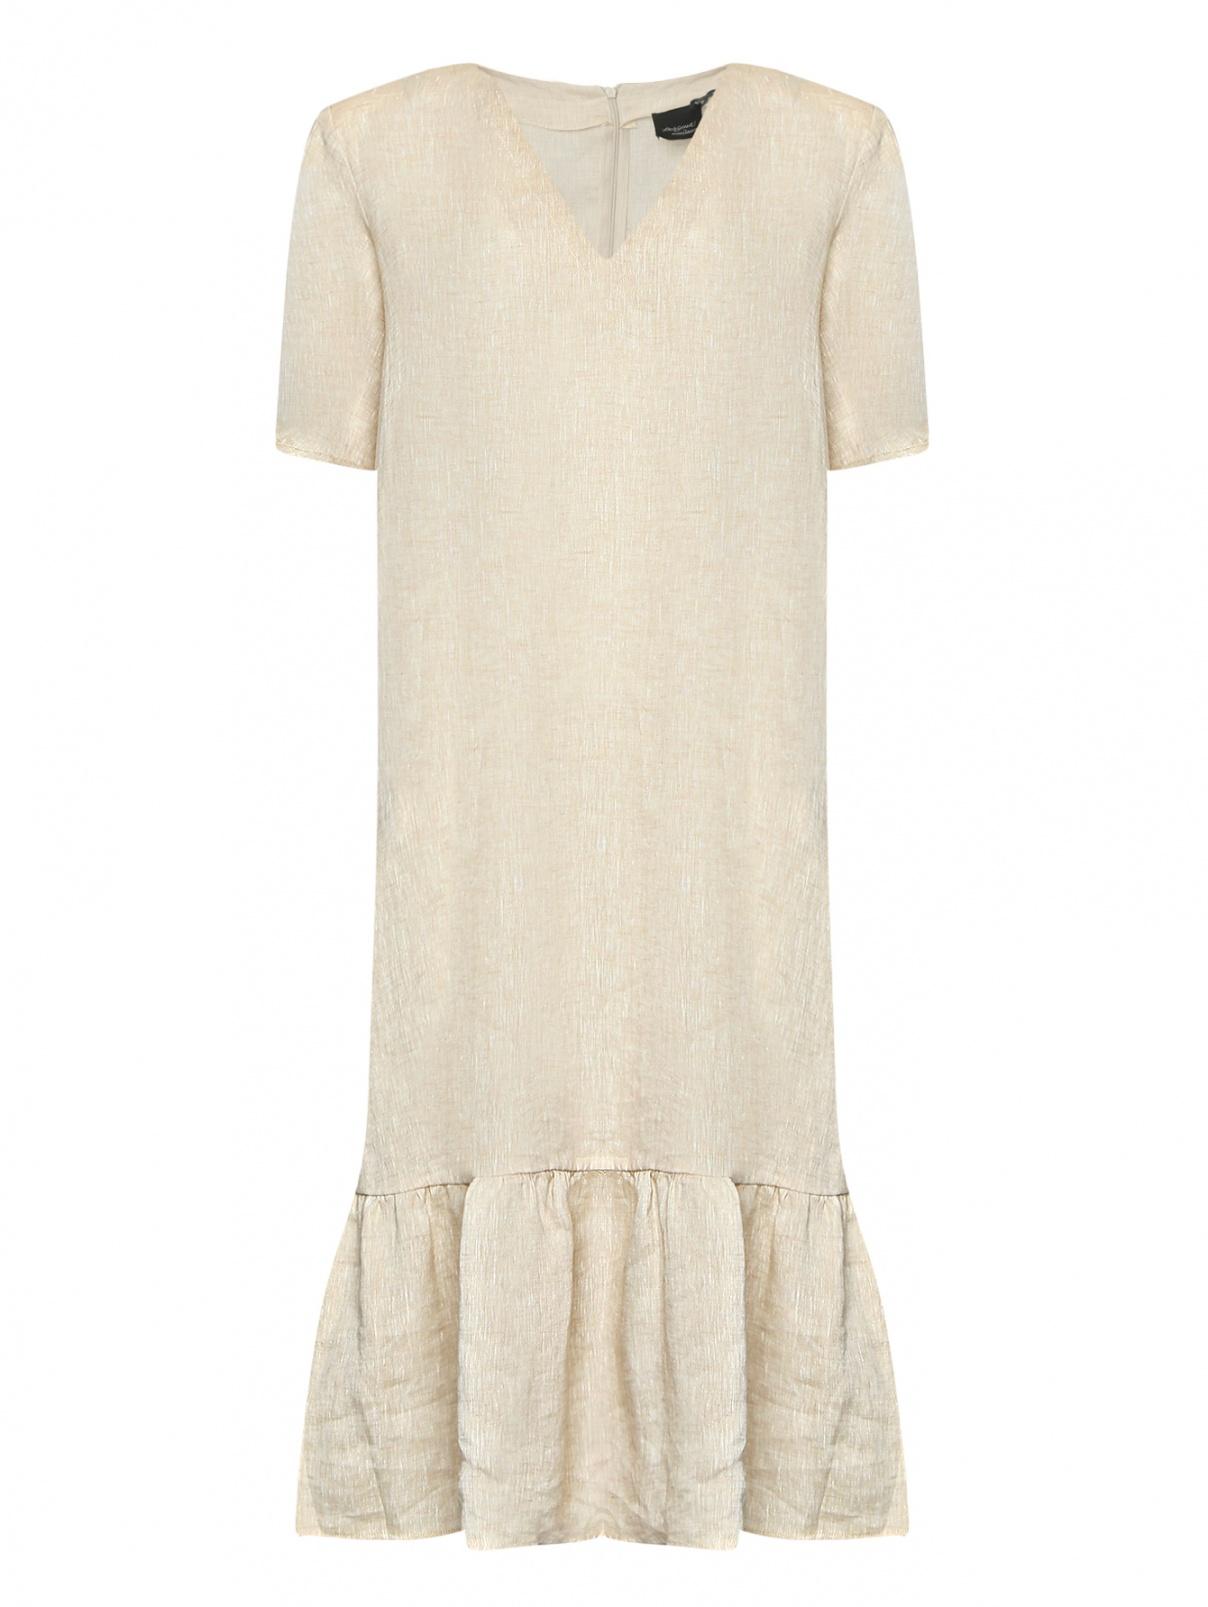 Платье из льна свободного кроя с короткими рукавами Persona by Marina Rinaldi  –  Общий вид